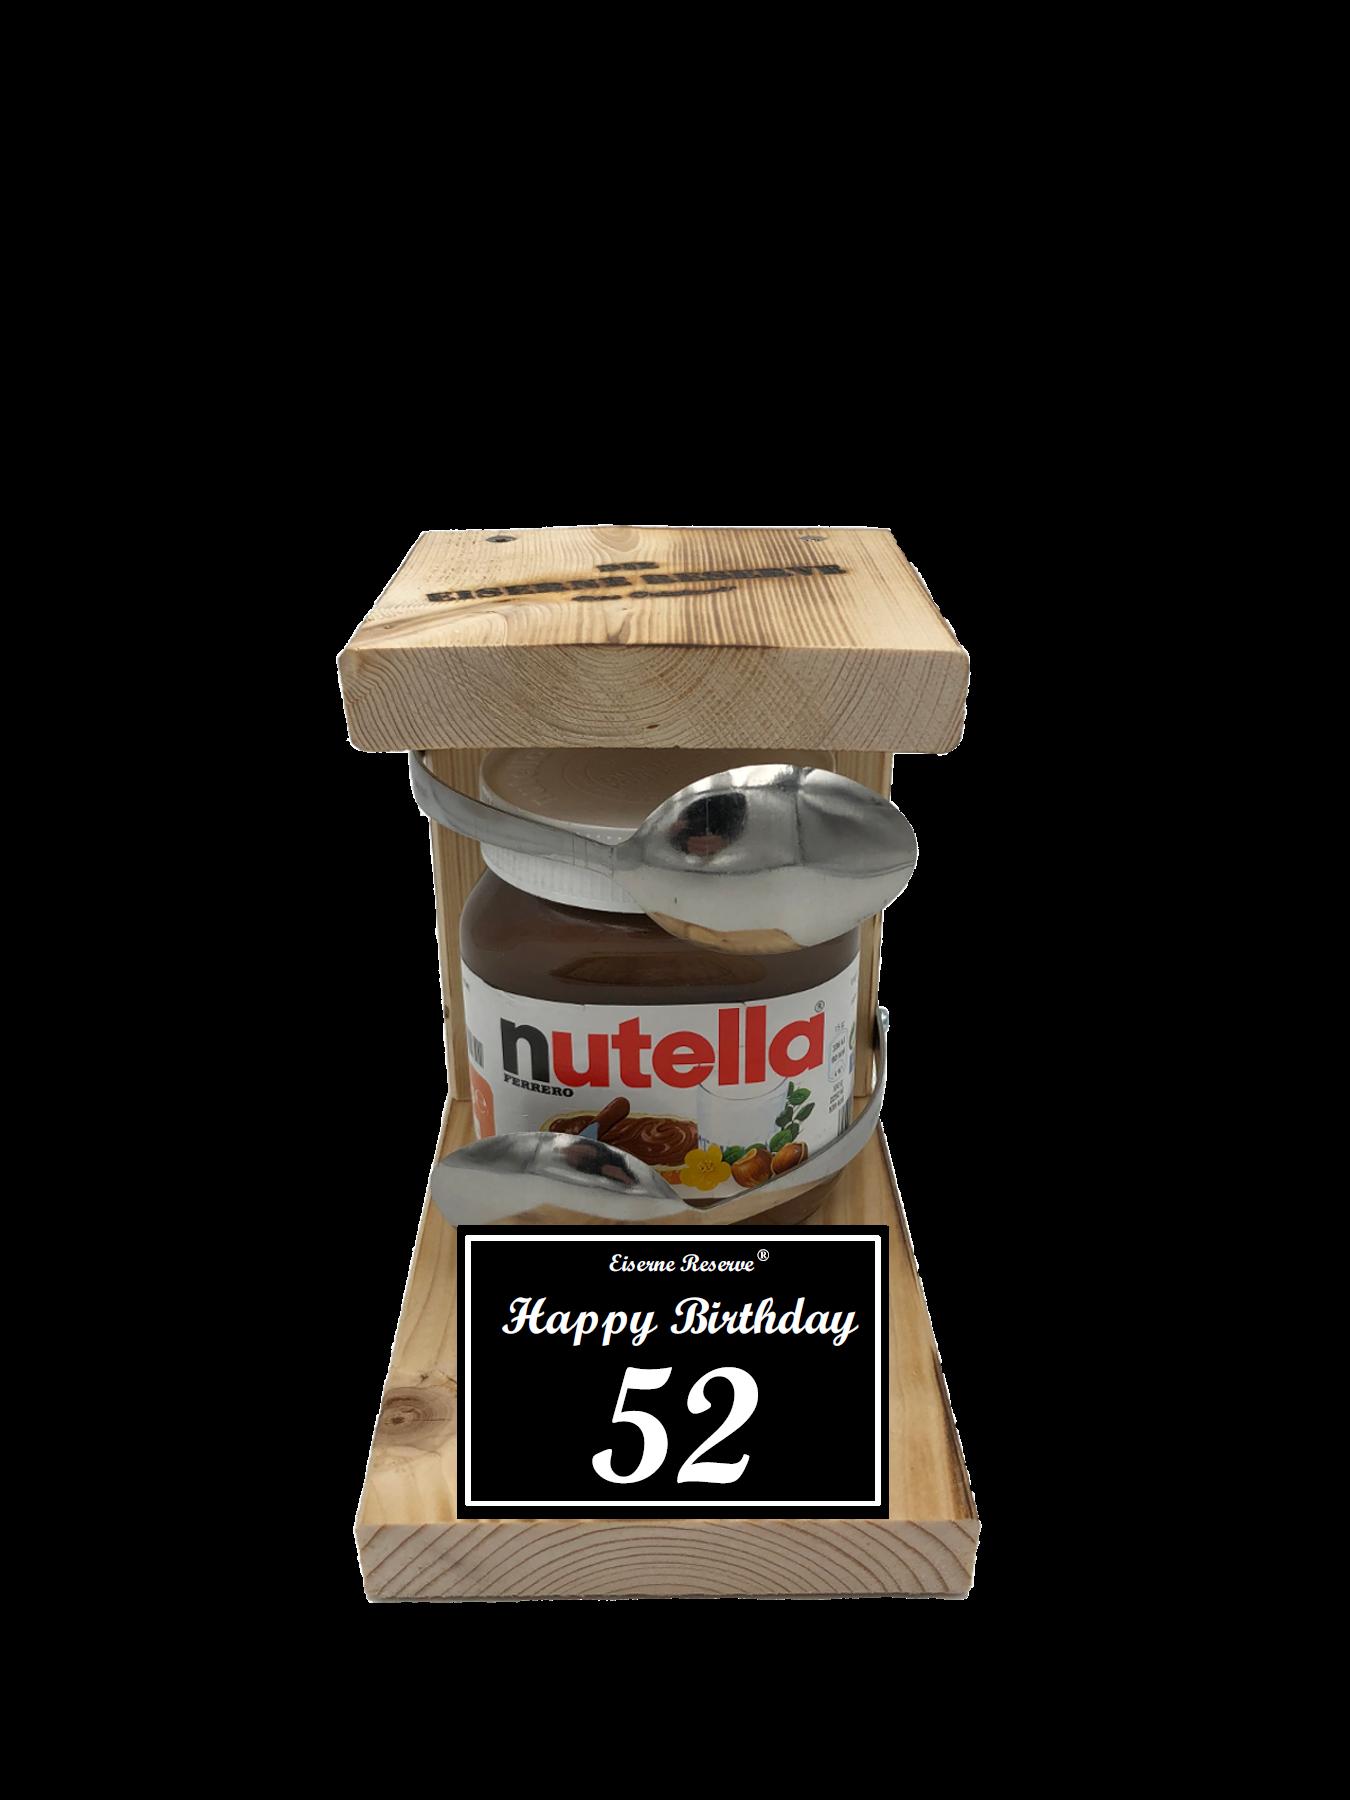 52 Happy Birthday Löffel Nutella Geschenk - Die Nutella Geschenkidee